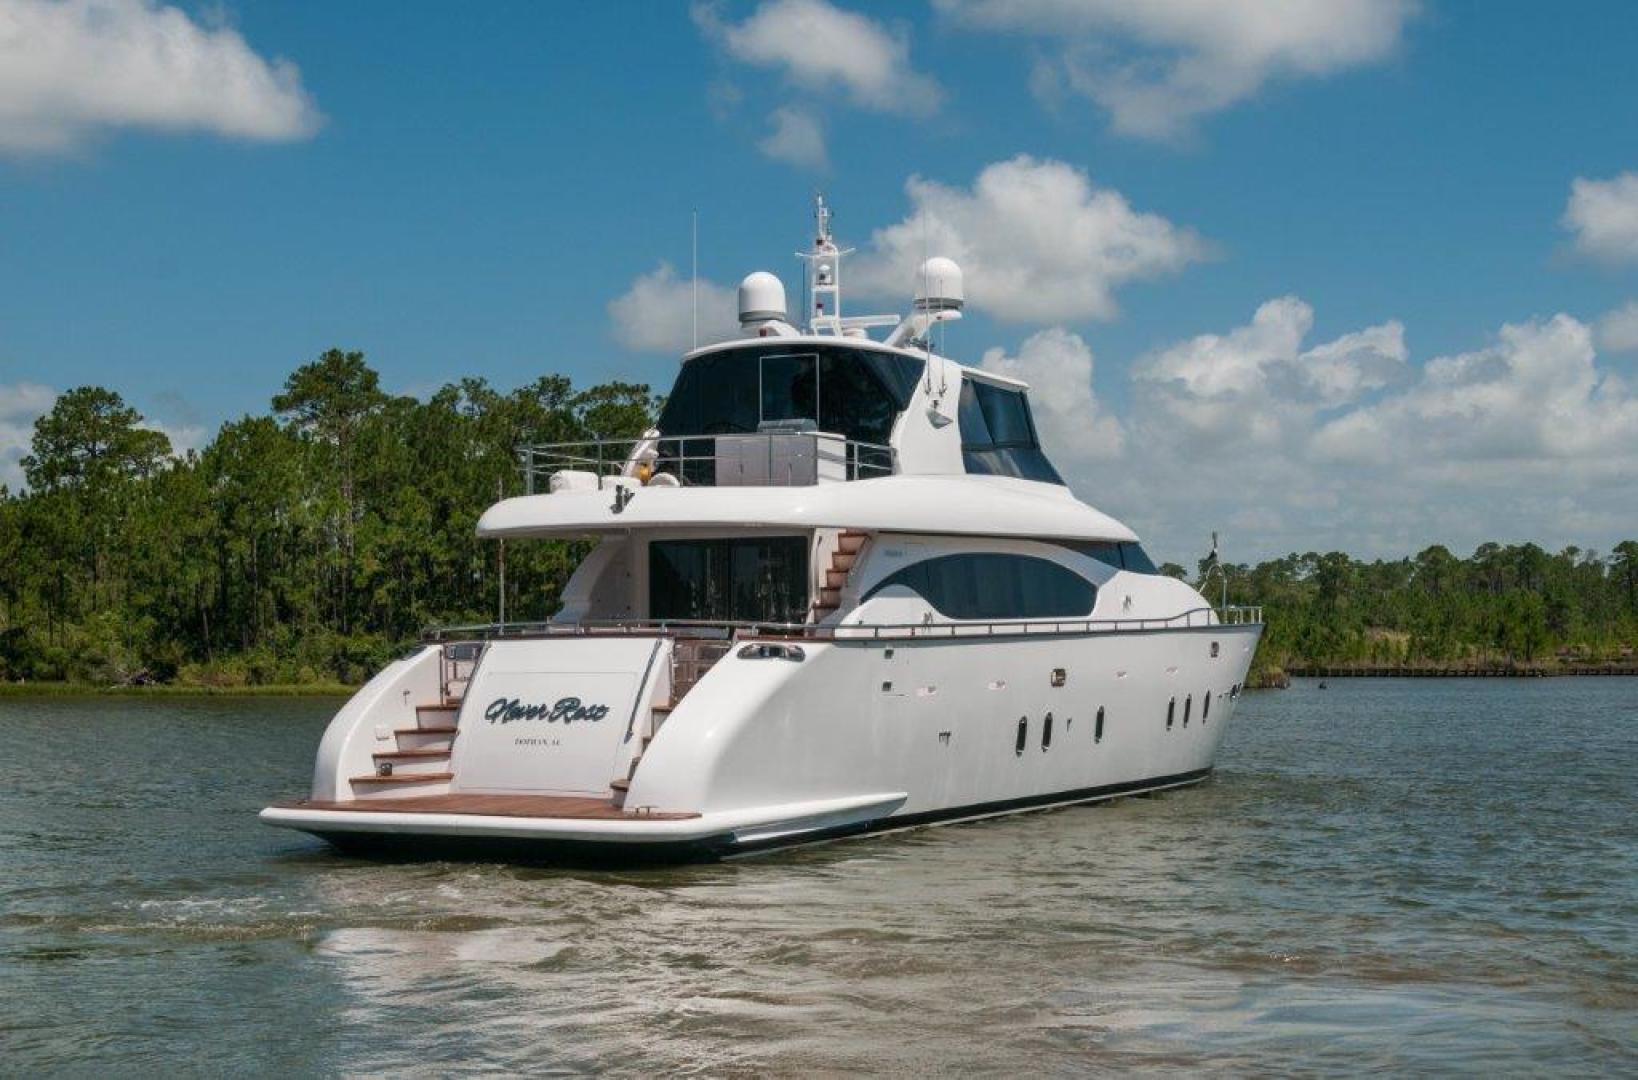 Maiora-84 Motor Yacht 2015-Never Rest SANDESTIN-Florida-United States-2015 Maiora 84 Motor Yacht Transom Never Rest-720530 | Thumbnail